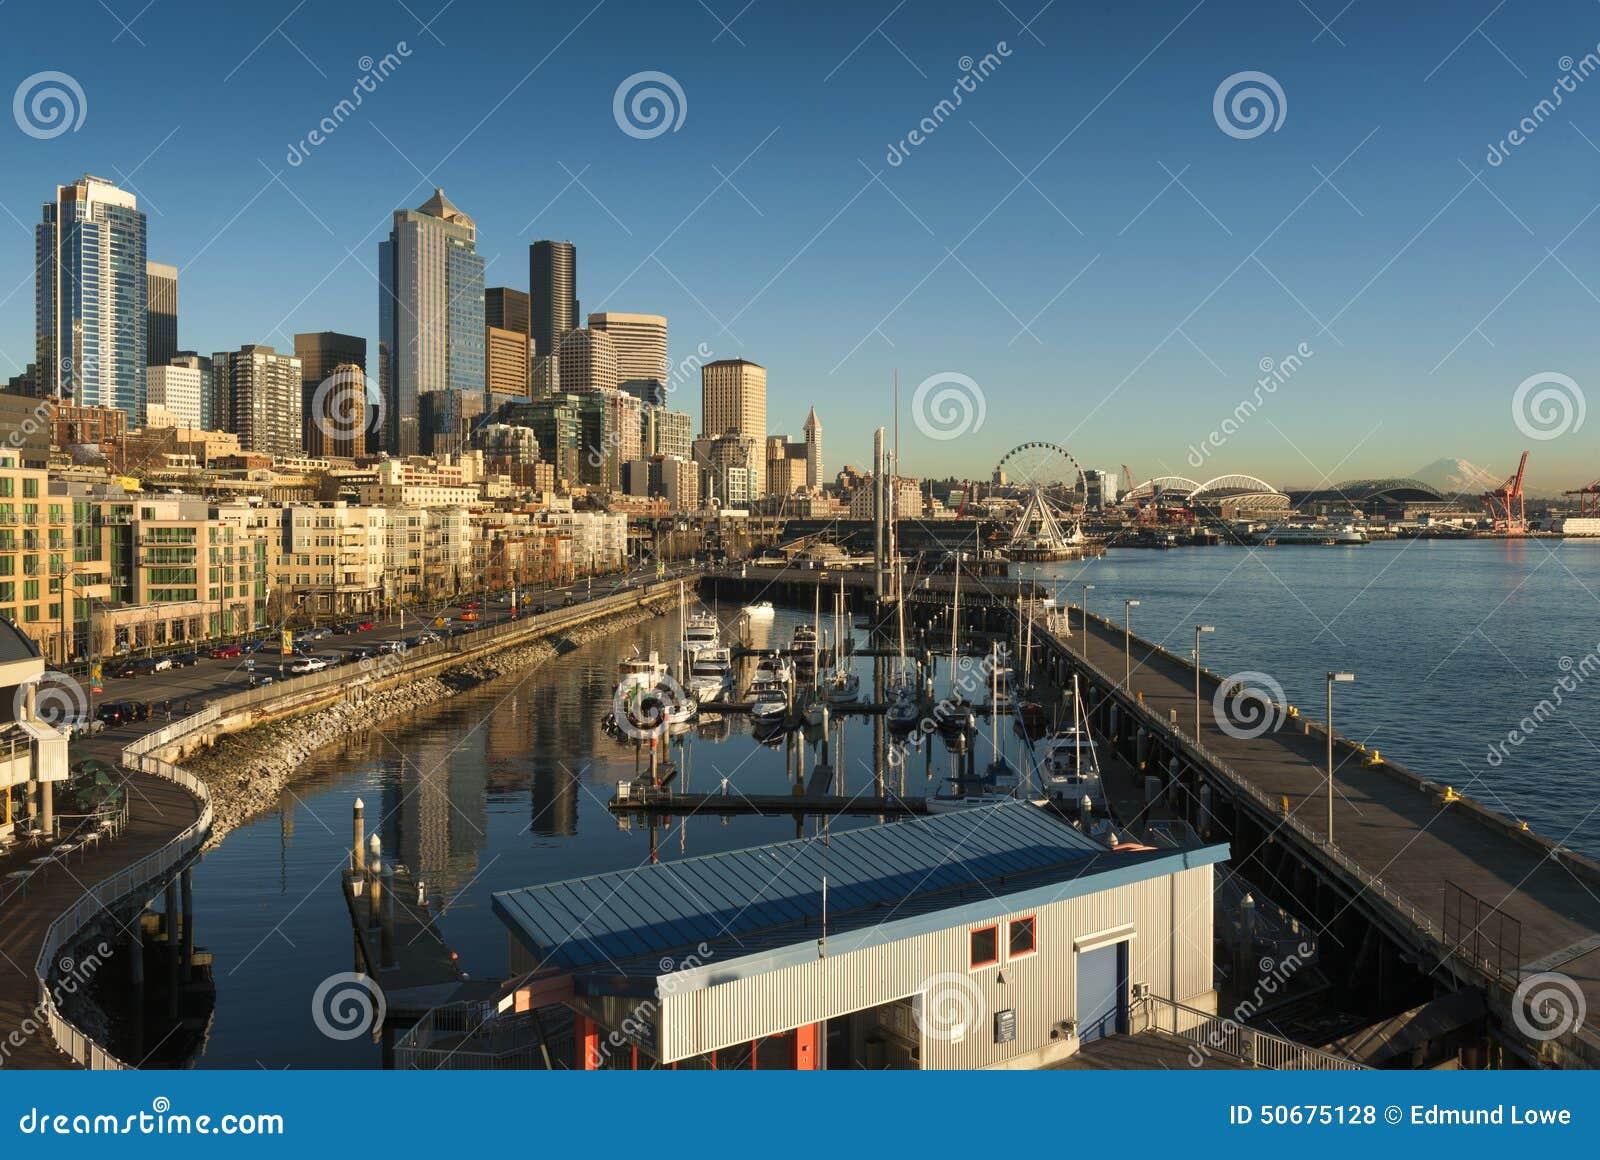 Download 西雅图日落江边 库存照片. 图片 包括有 都市风景, 天空, 拱道, 西雅图, 反映, 西北, 布琼布拉 - 50675128